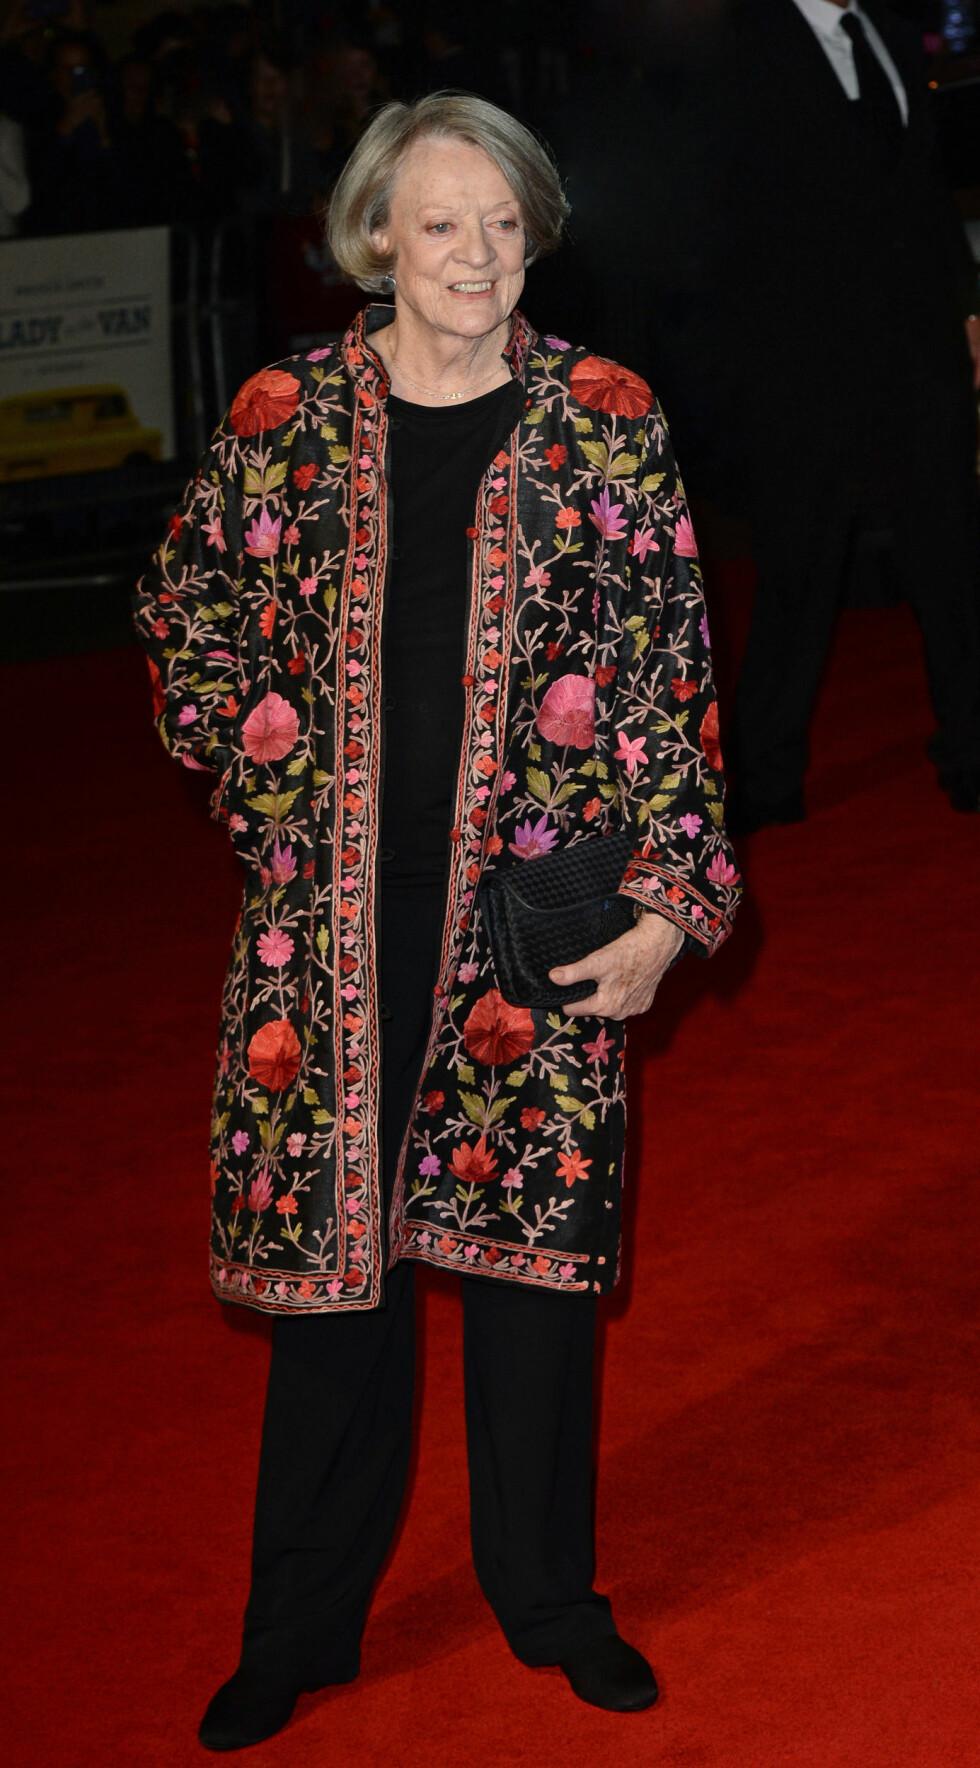 FARGEKLATT: «Downton Abbey»-stjernen Maggie Smith livet opp sitt helsorte antrekk med en brodert kåpe på «The Lady in the Van»-visningen den 13. oktober.  Foto: Splash News